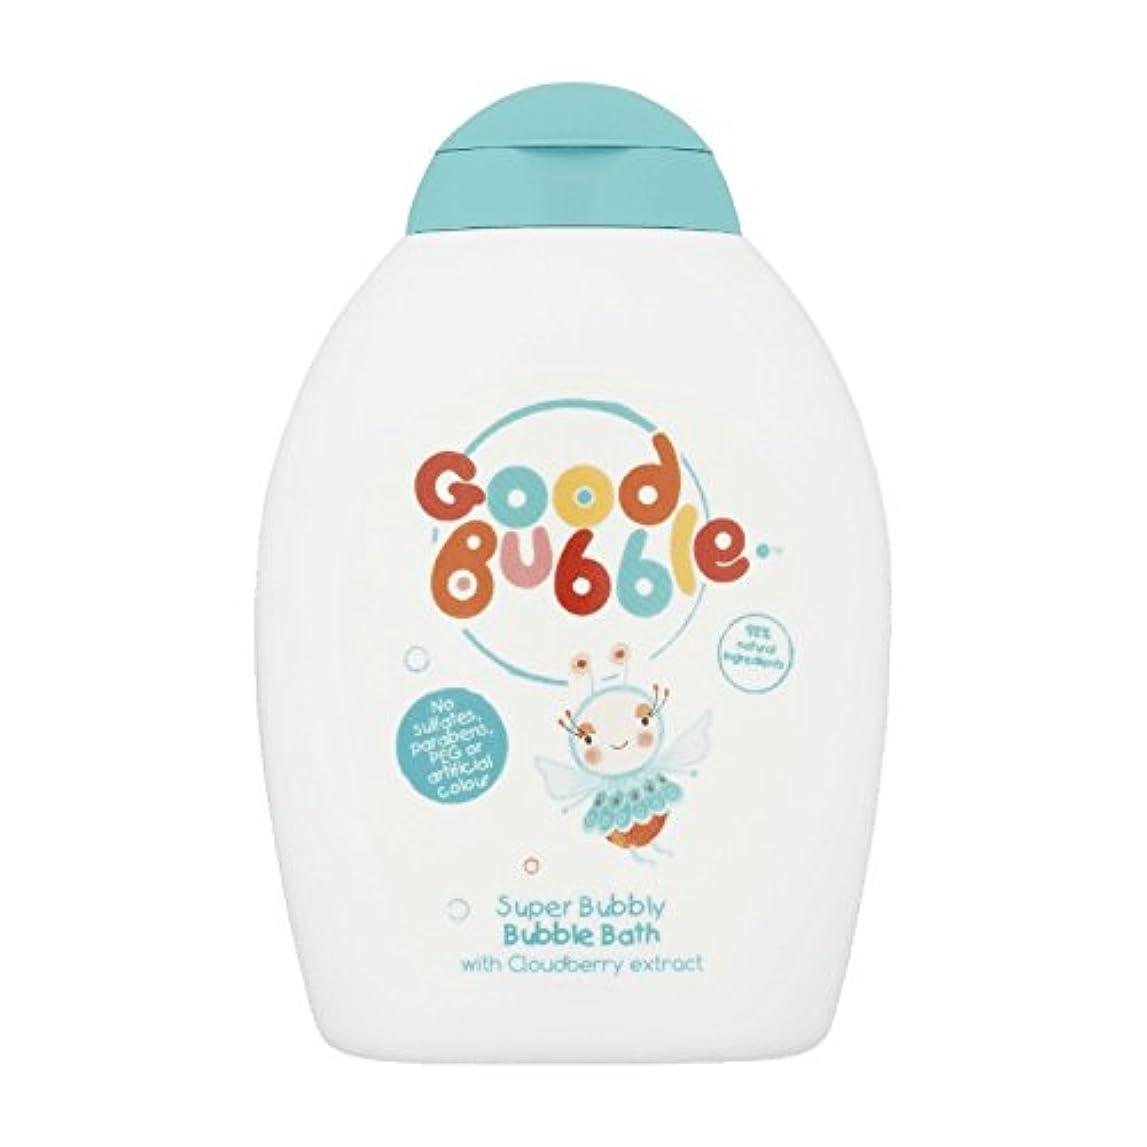 実際記事特徴づけるGood Bubble Cloudberry Bubble Bath 400ml (Pack of 6) - 良いバブルクラウドベリーバブルバス400ミリリットル (x6) [並行輸入品]